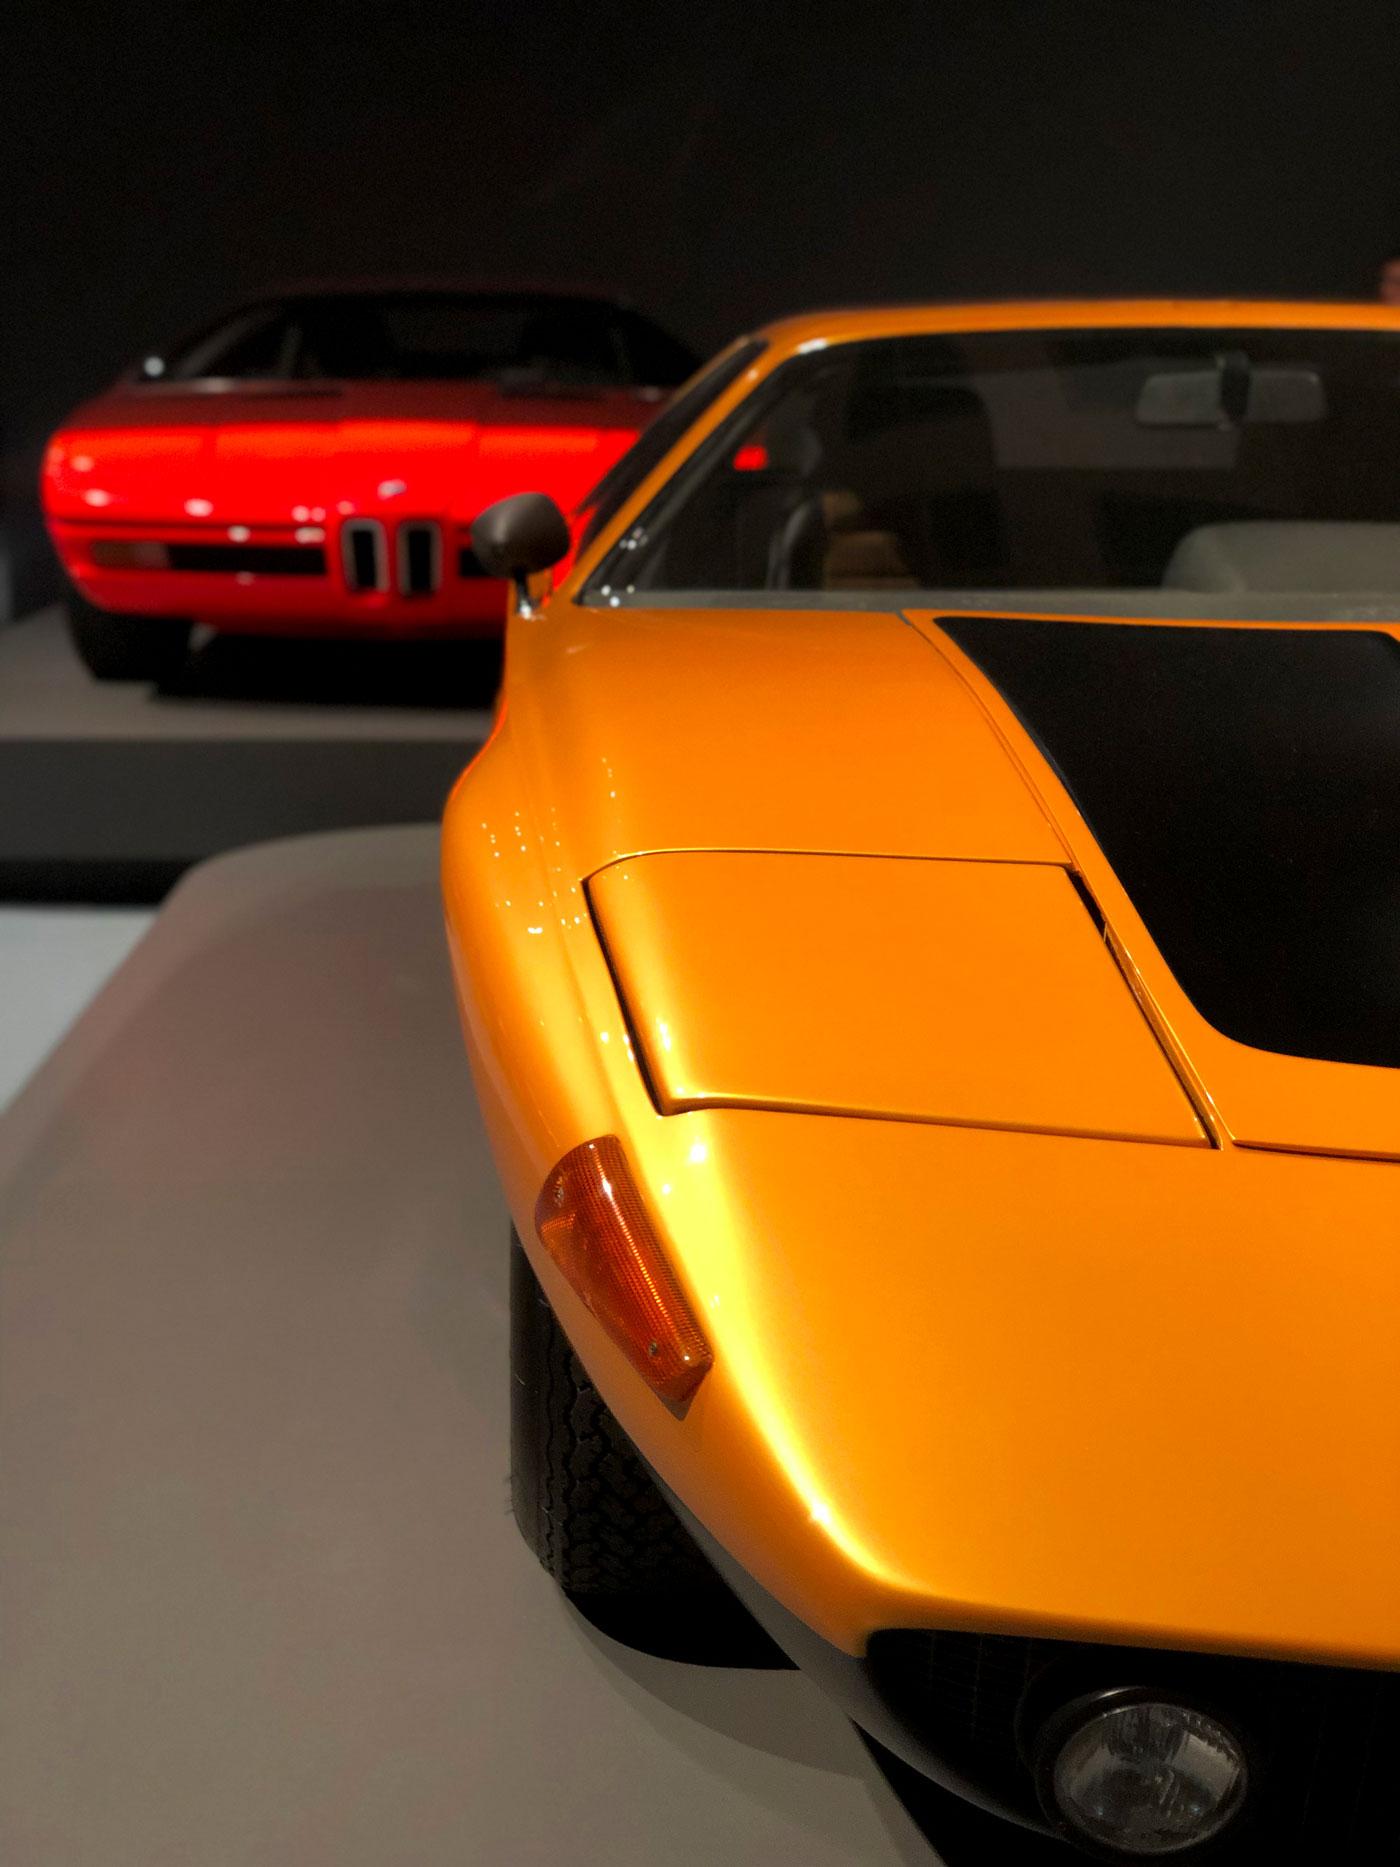 Im Vordergrund ein orangefarbener Sportwagen scharf, im Hintergrund ein roter Sportwagen unscharf